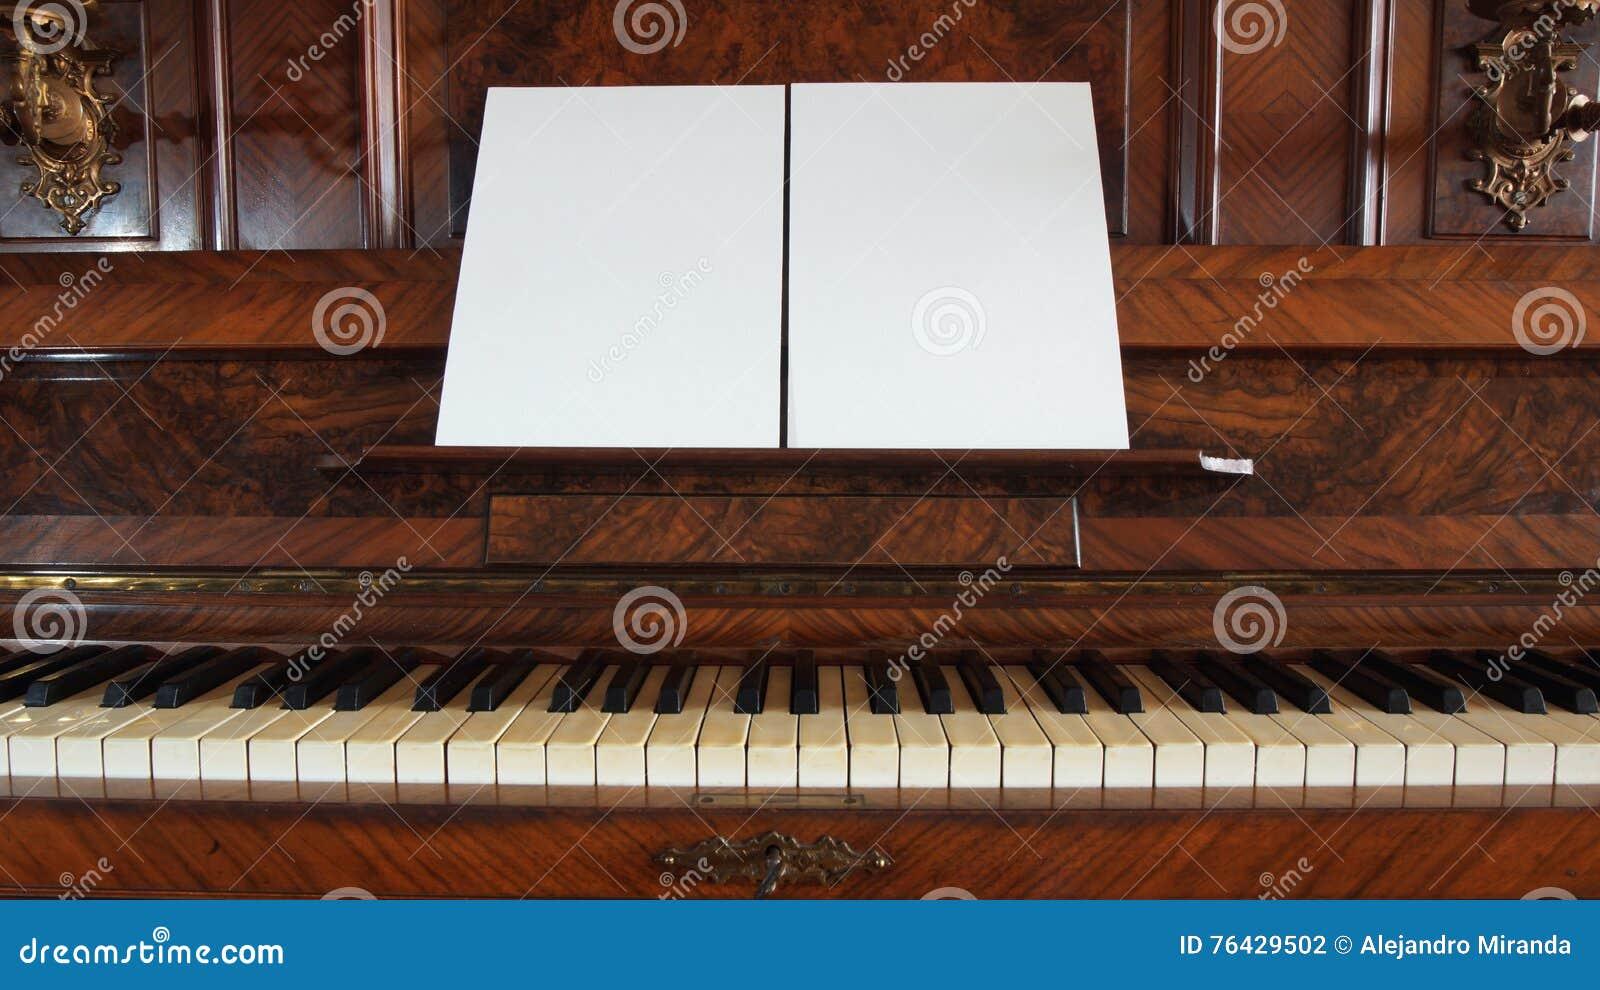 一架古色古香的钢琴的正面图与开放的键盘和白纸两板料的在支持的音符